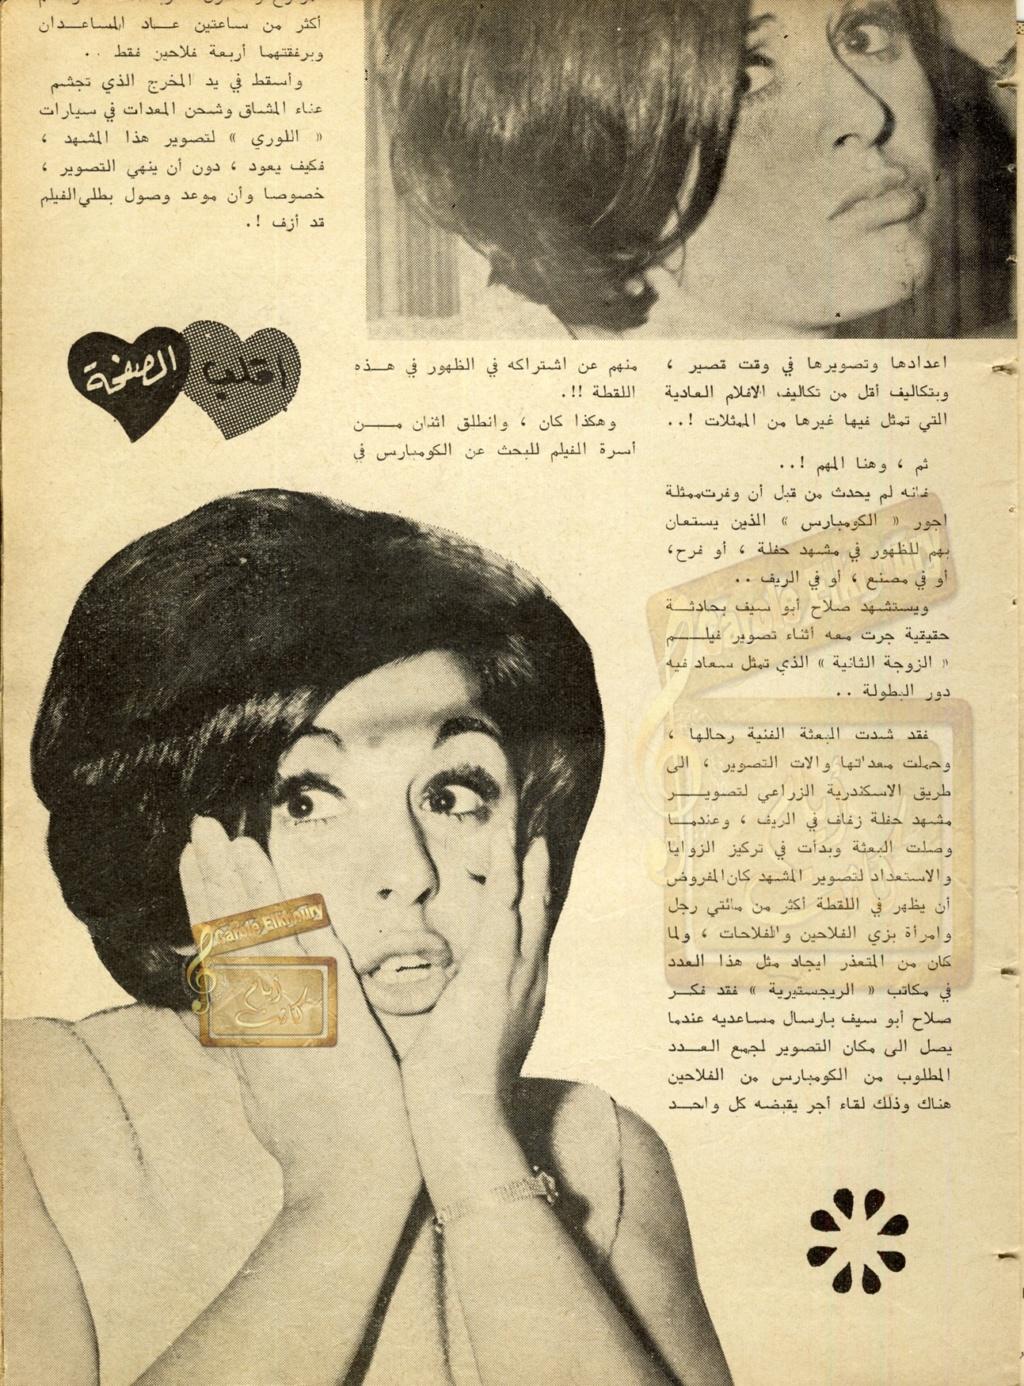 مقال - مقال صحفي : متطوعون يمثلون مجاناً قي أفلام سعاد حسني .. اكراماً لعينيها الجميلتين ! 1967 م 339